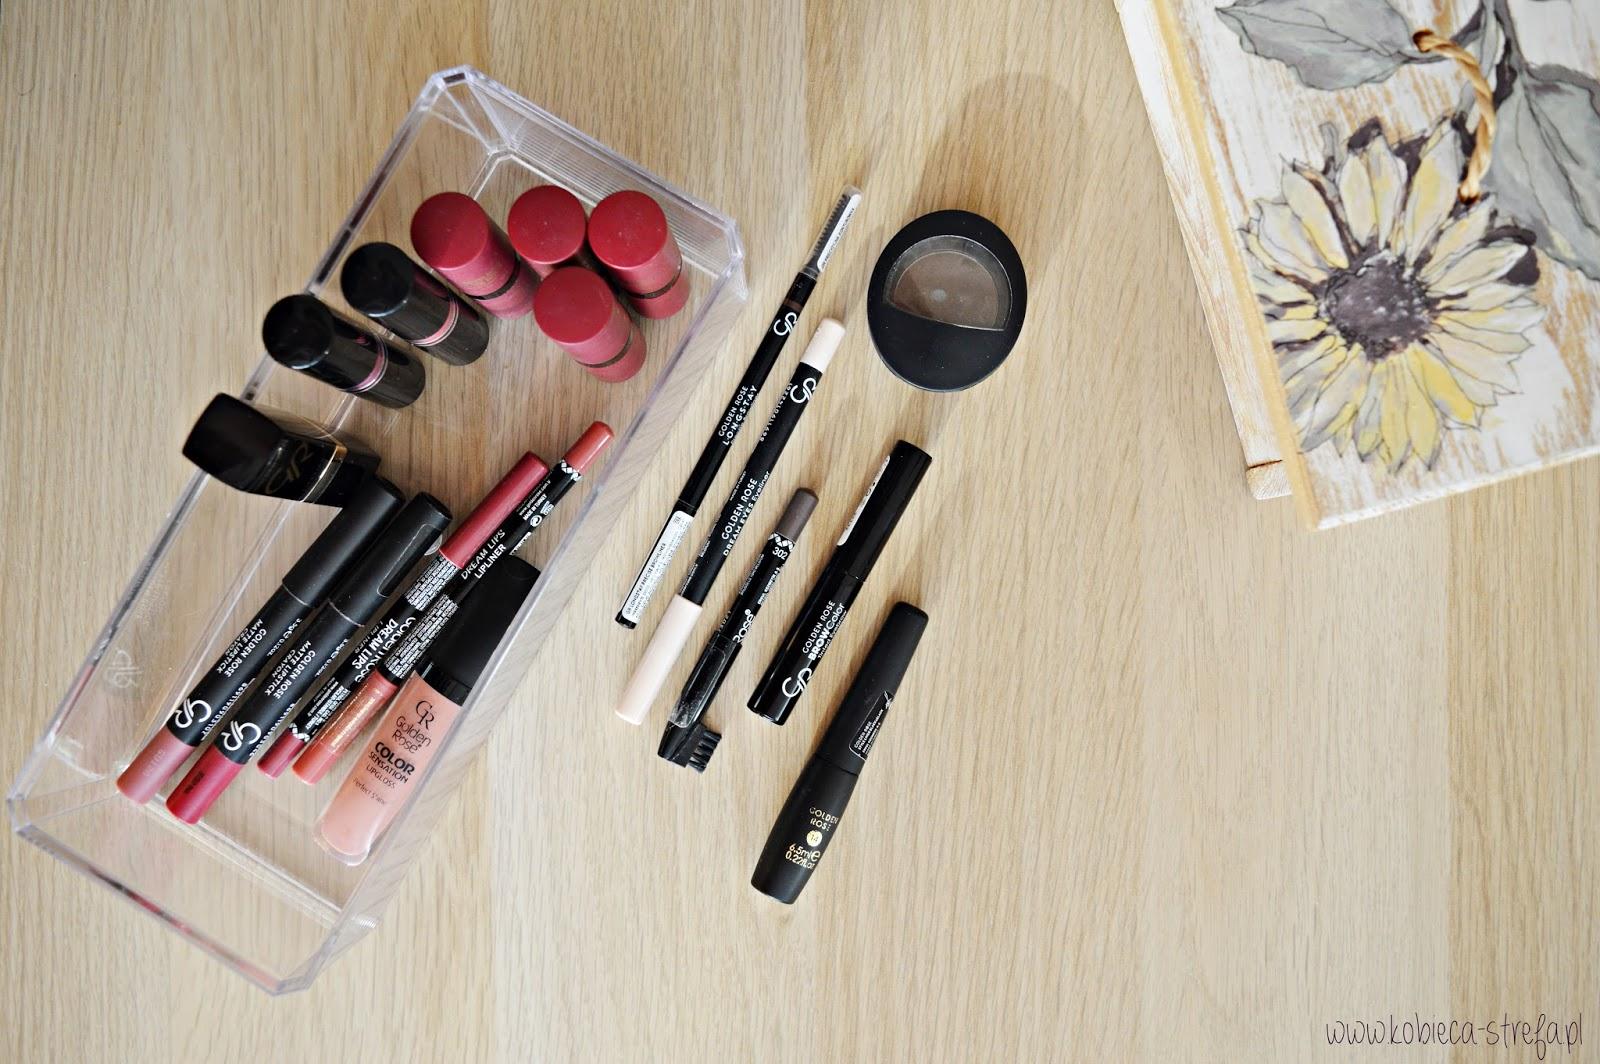 Produkty warte uwagi: Golden Rose makijaż ust i oczu